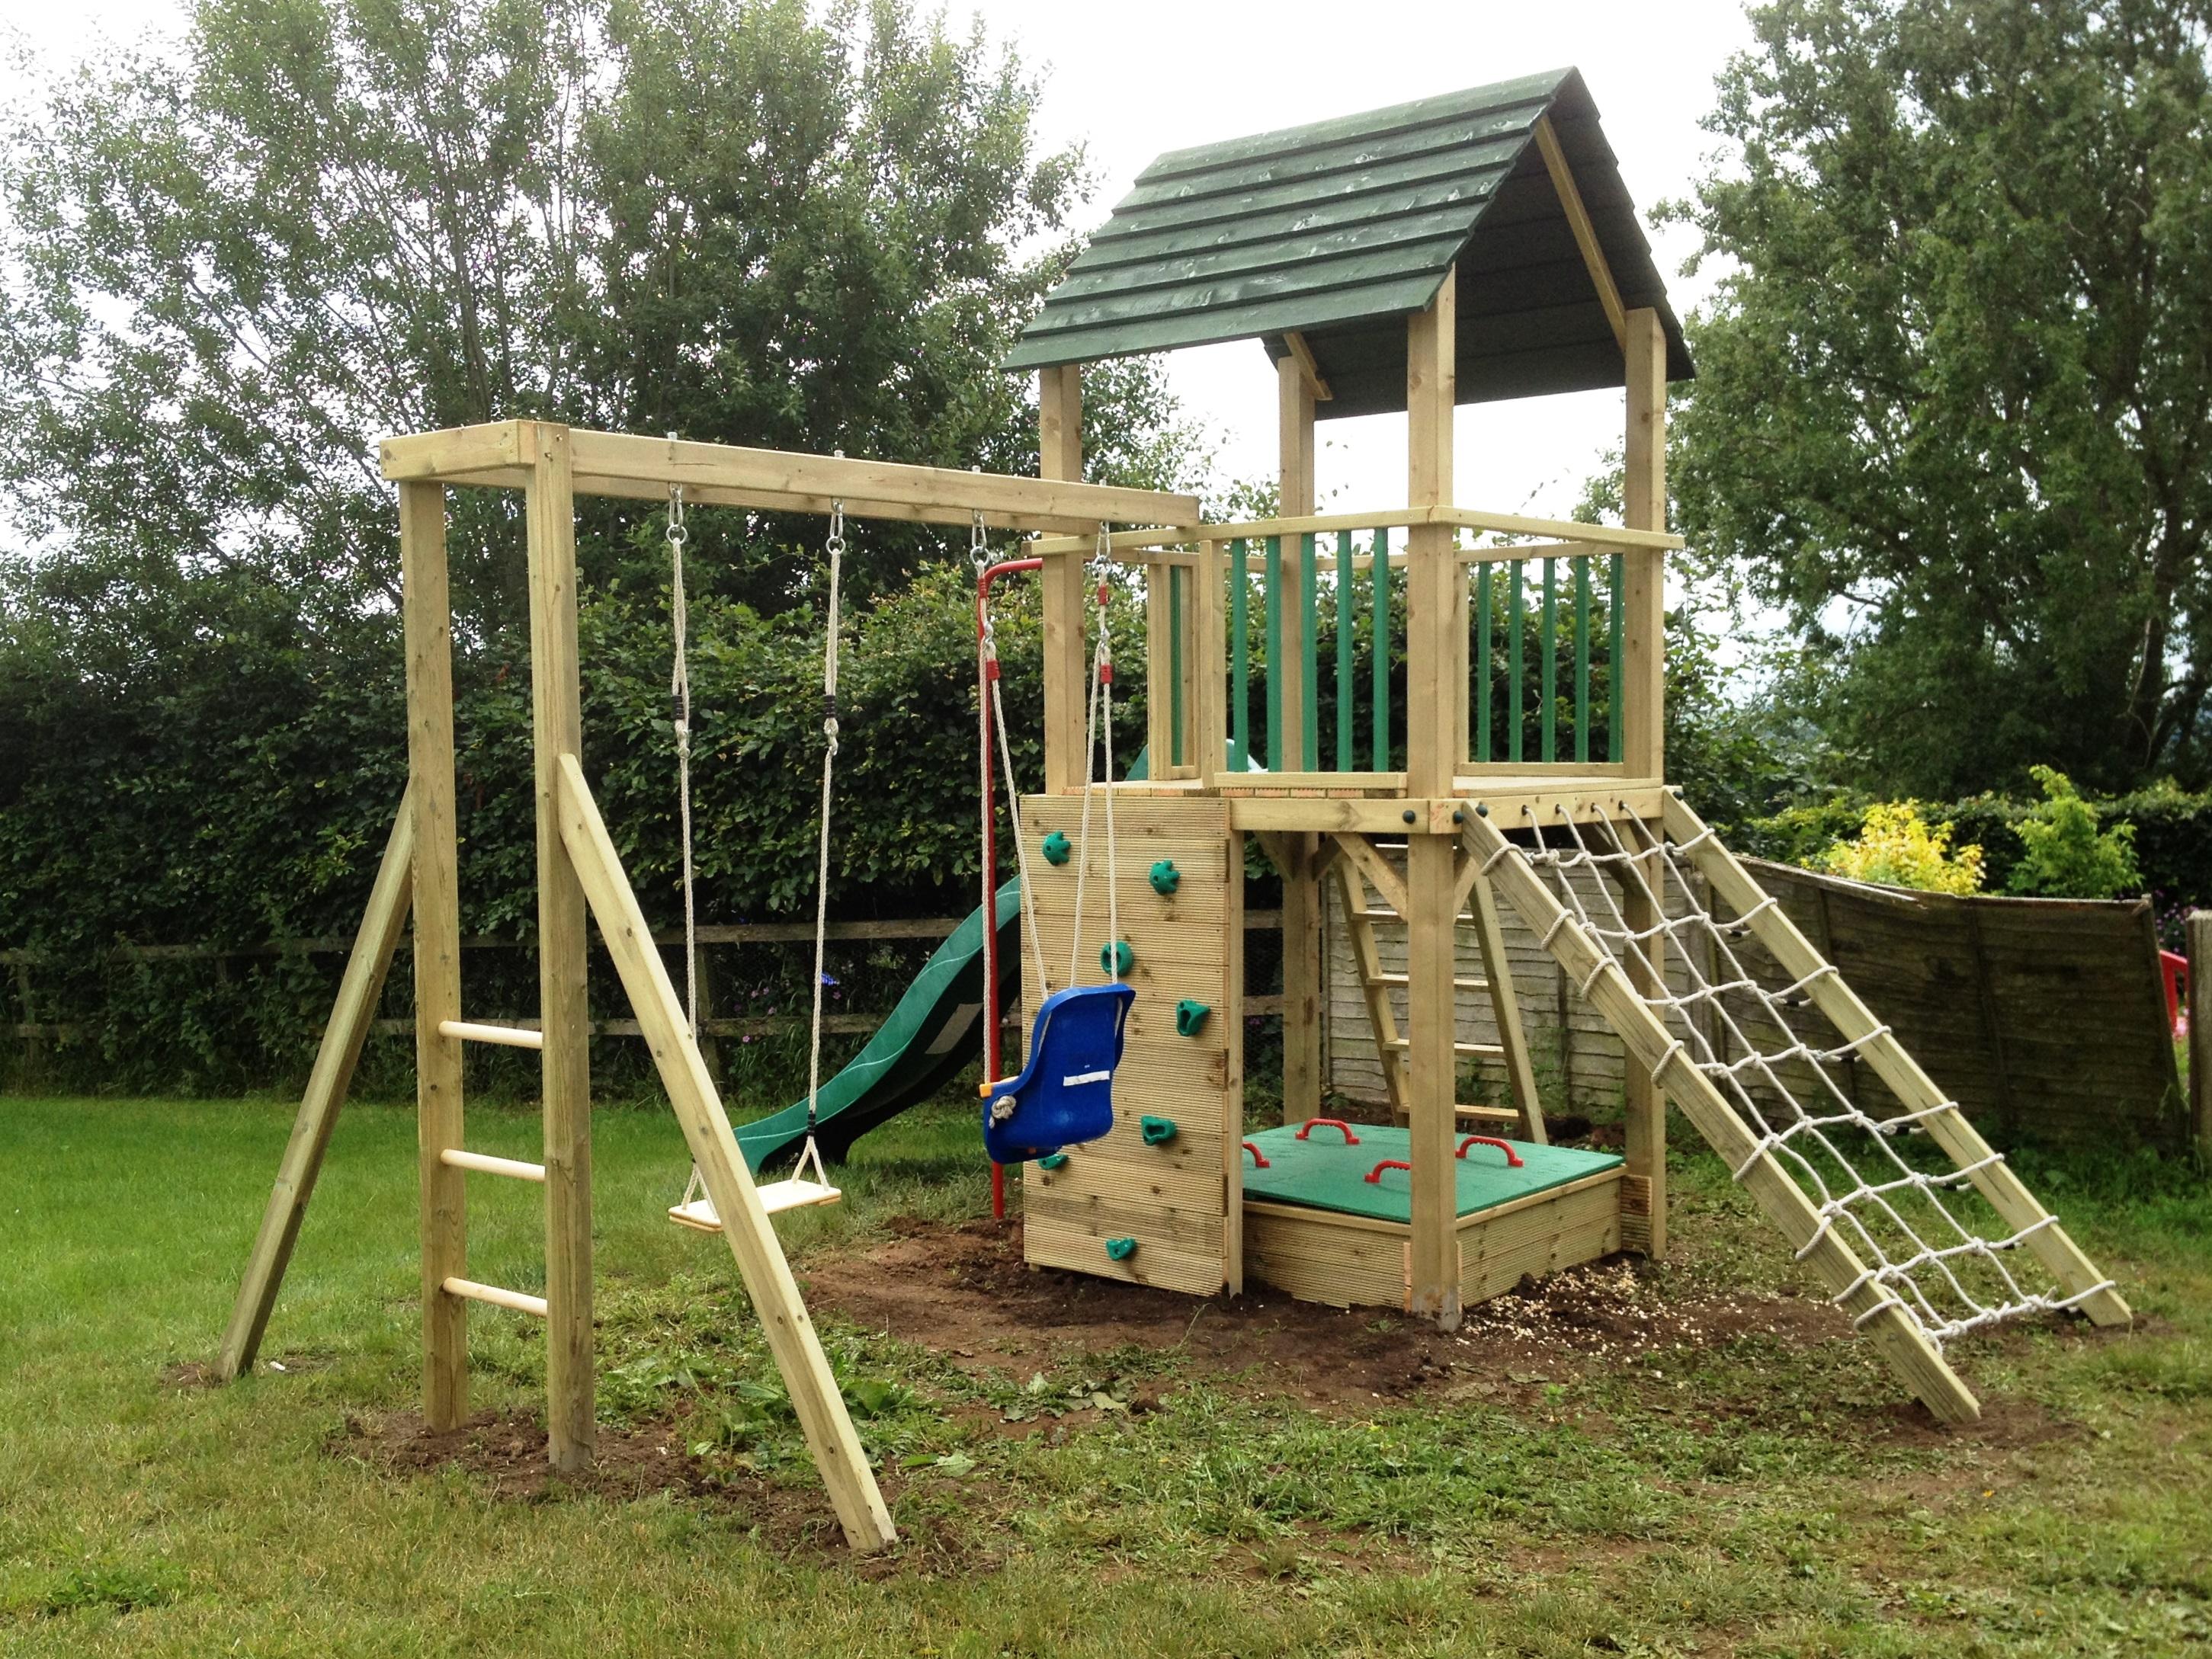 Meerkat Wooden Garden Swing Set - Wooden Designs